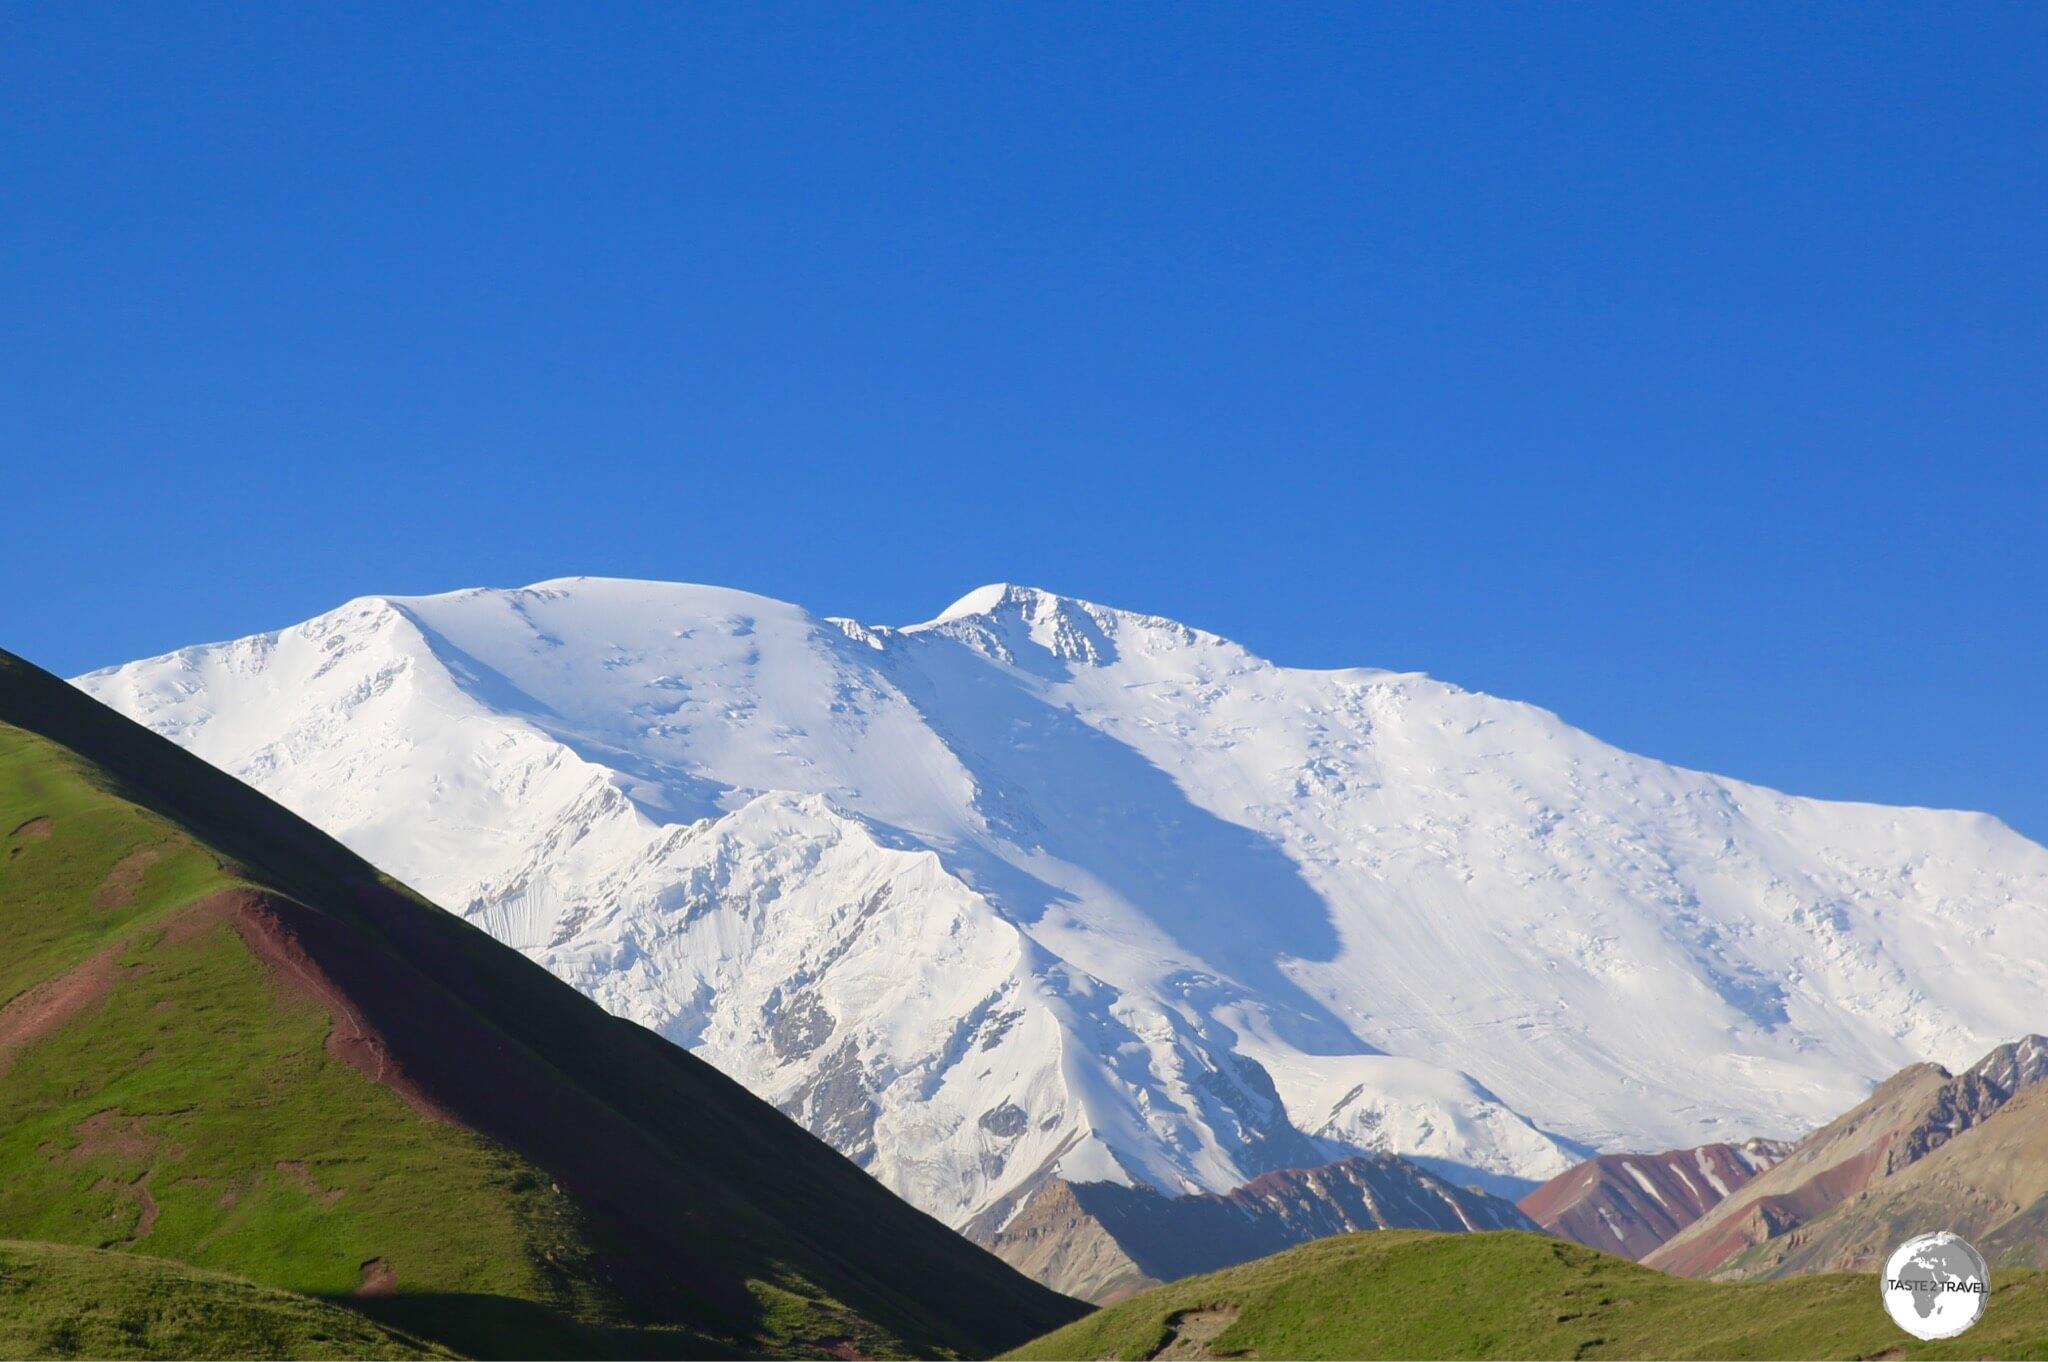 An early morning view of Lenin Peak (7,134 m / 23,406 ft) from the Lenin Peak Yurt camp.